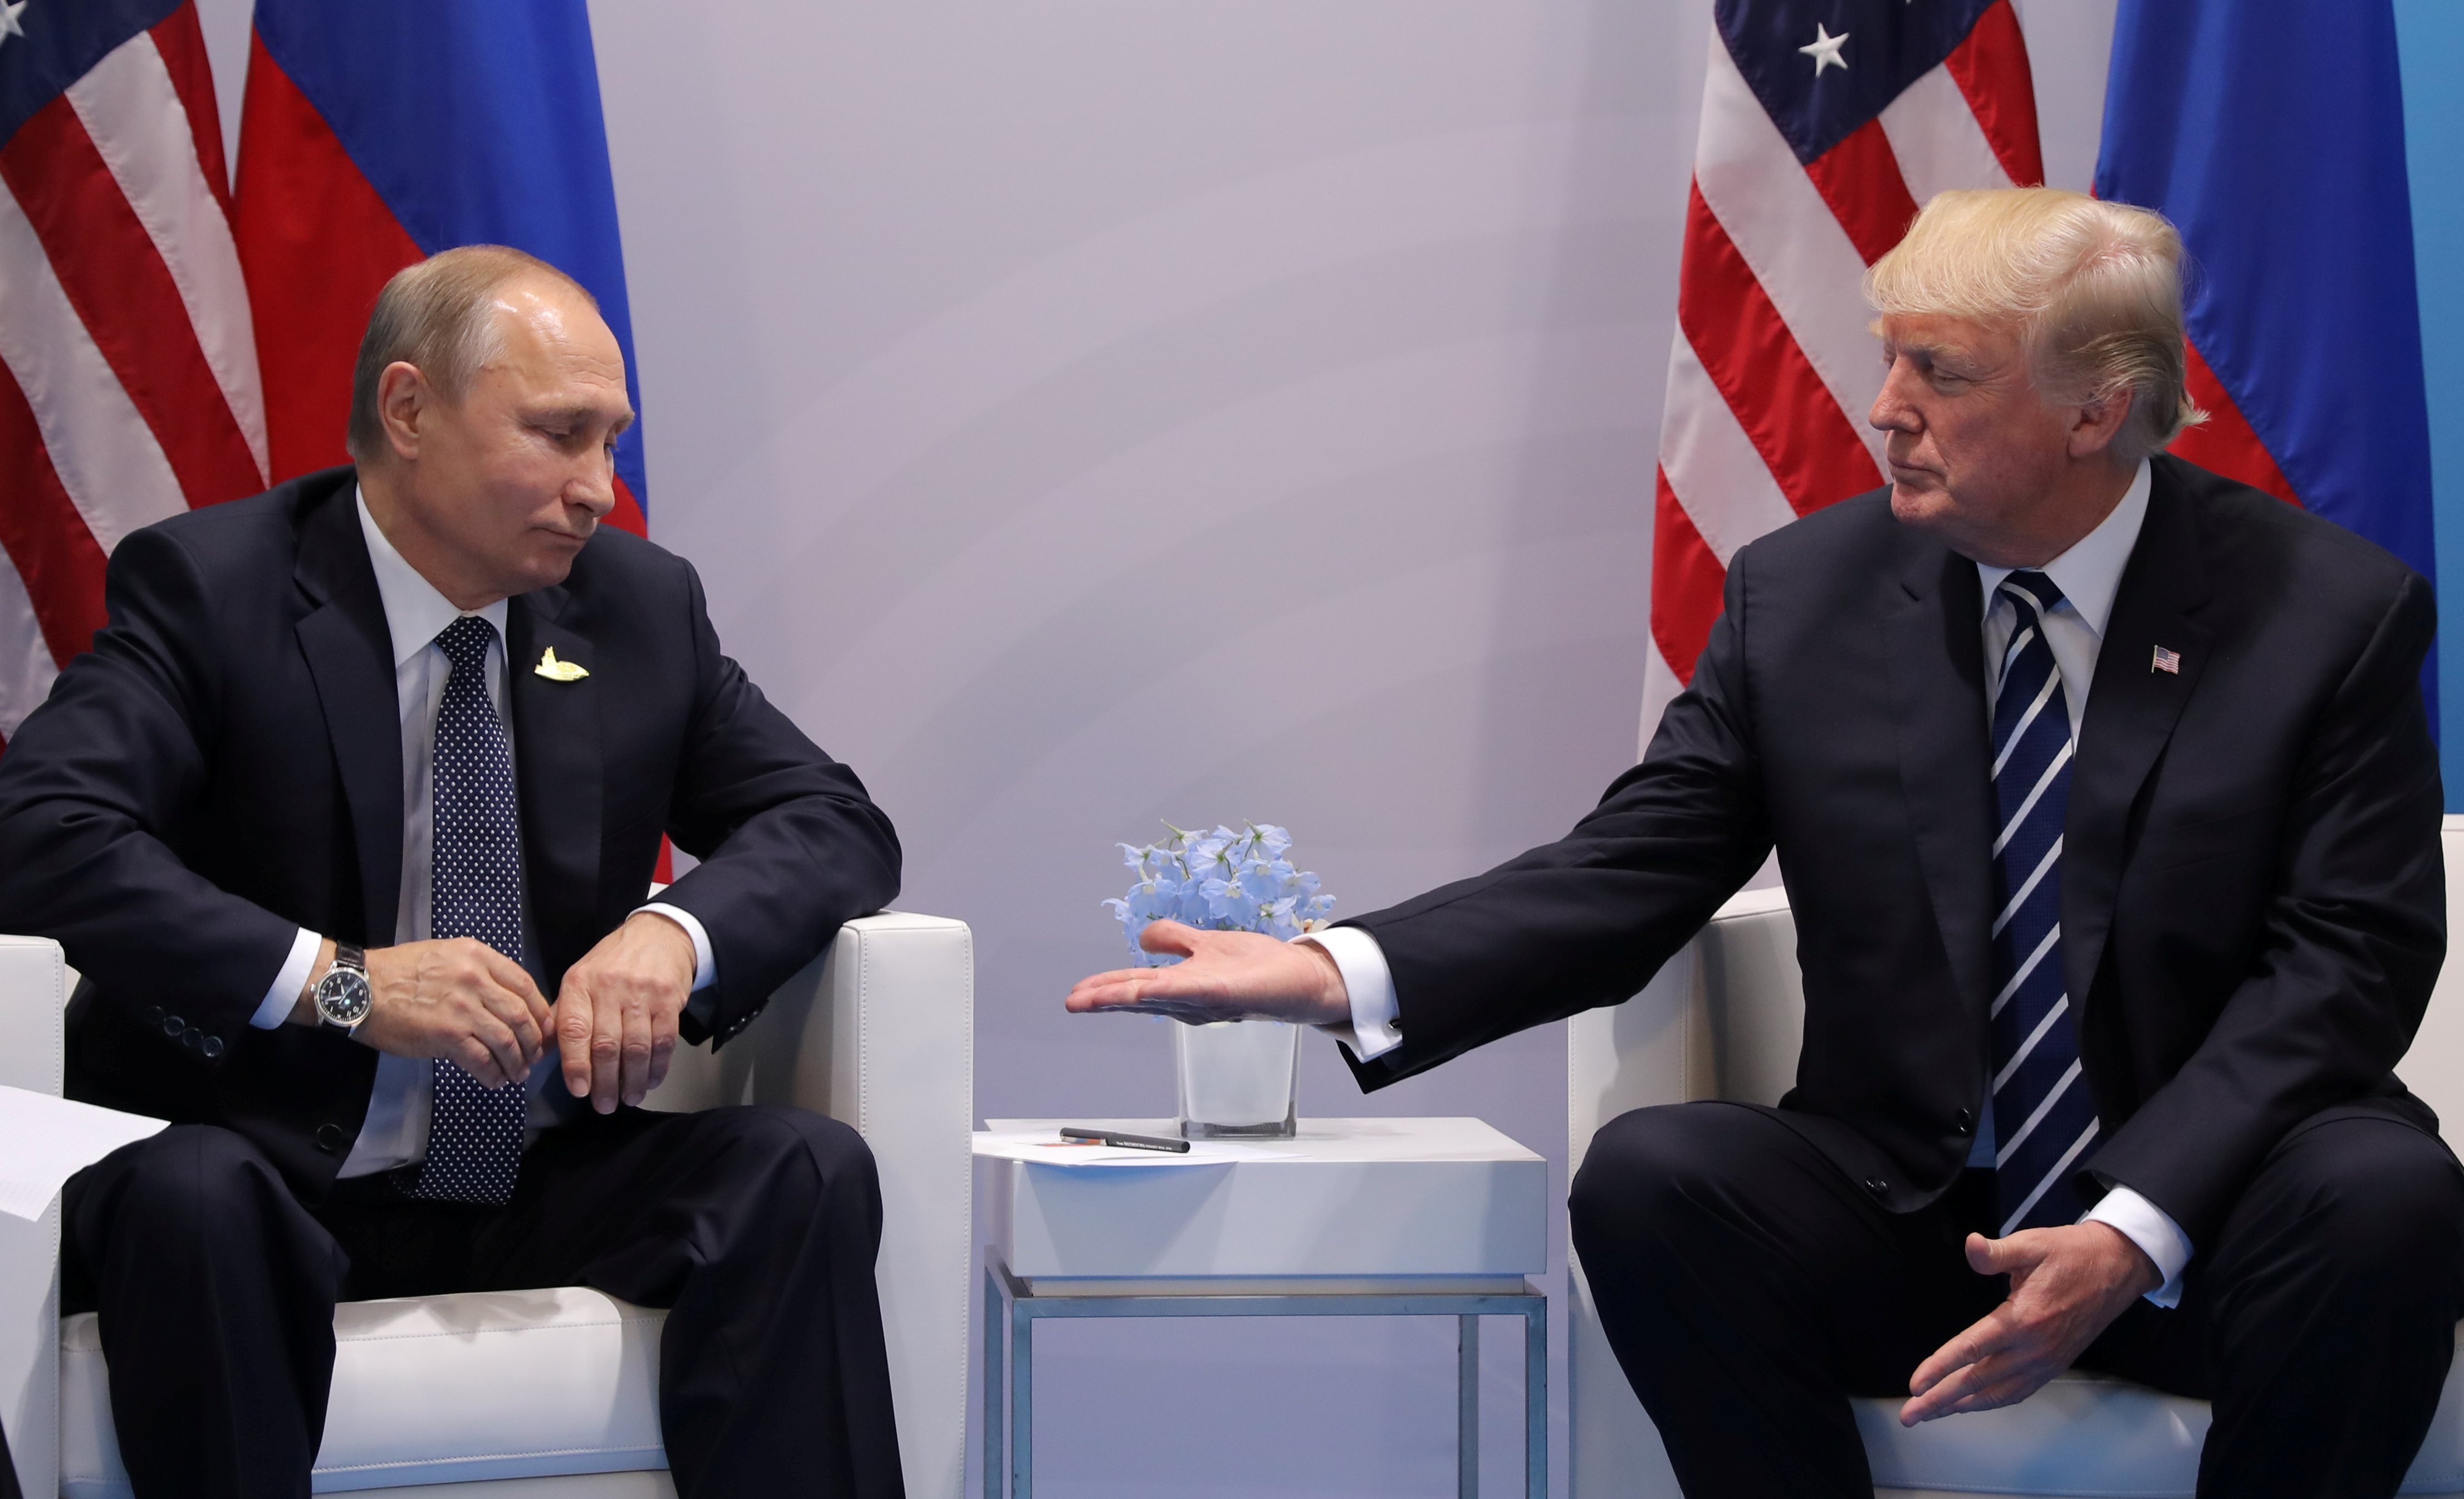 Трамп похвастался дружбой с Путиным и Ким Чен Ыном